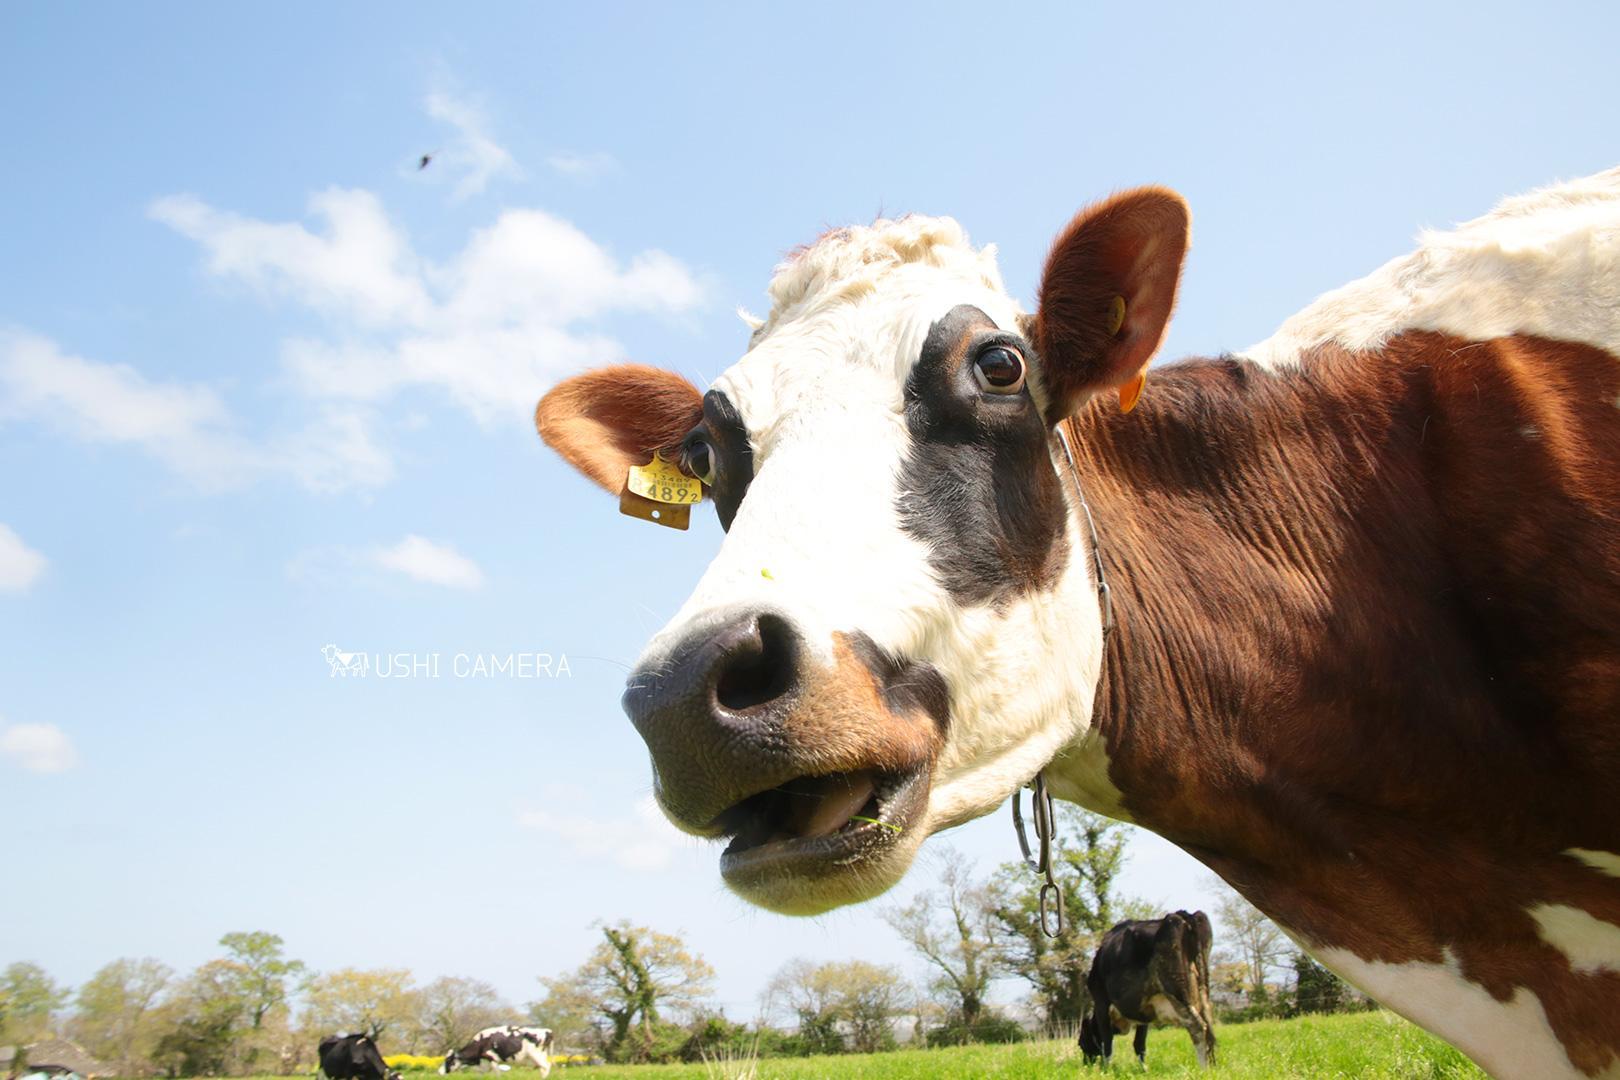 新利根協同農学塾農場(上野牧場)|茨城県稲敷市のホルスタイン牛の写真